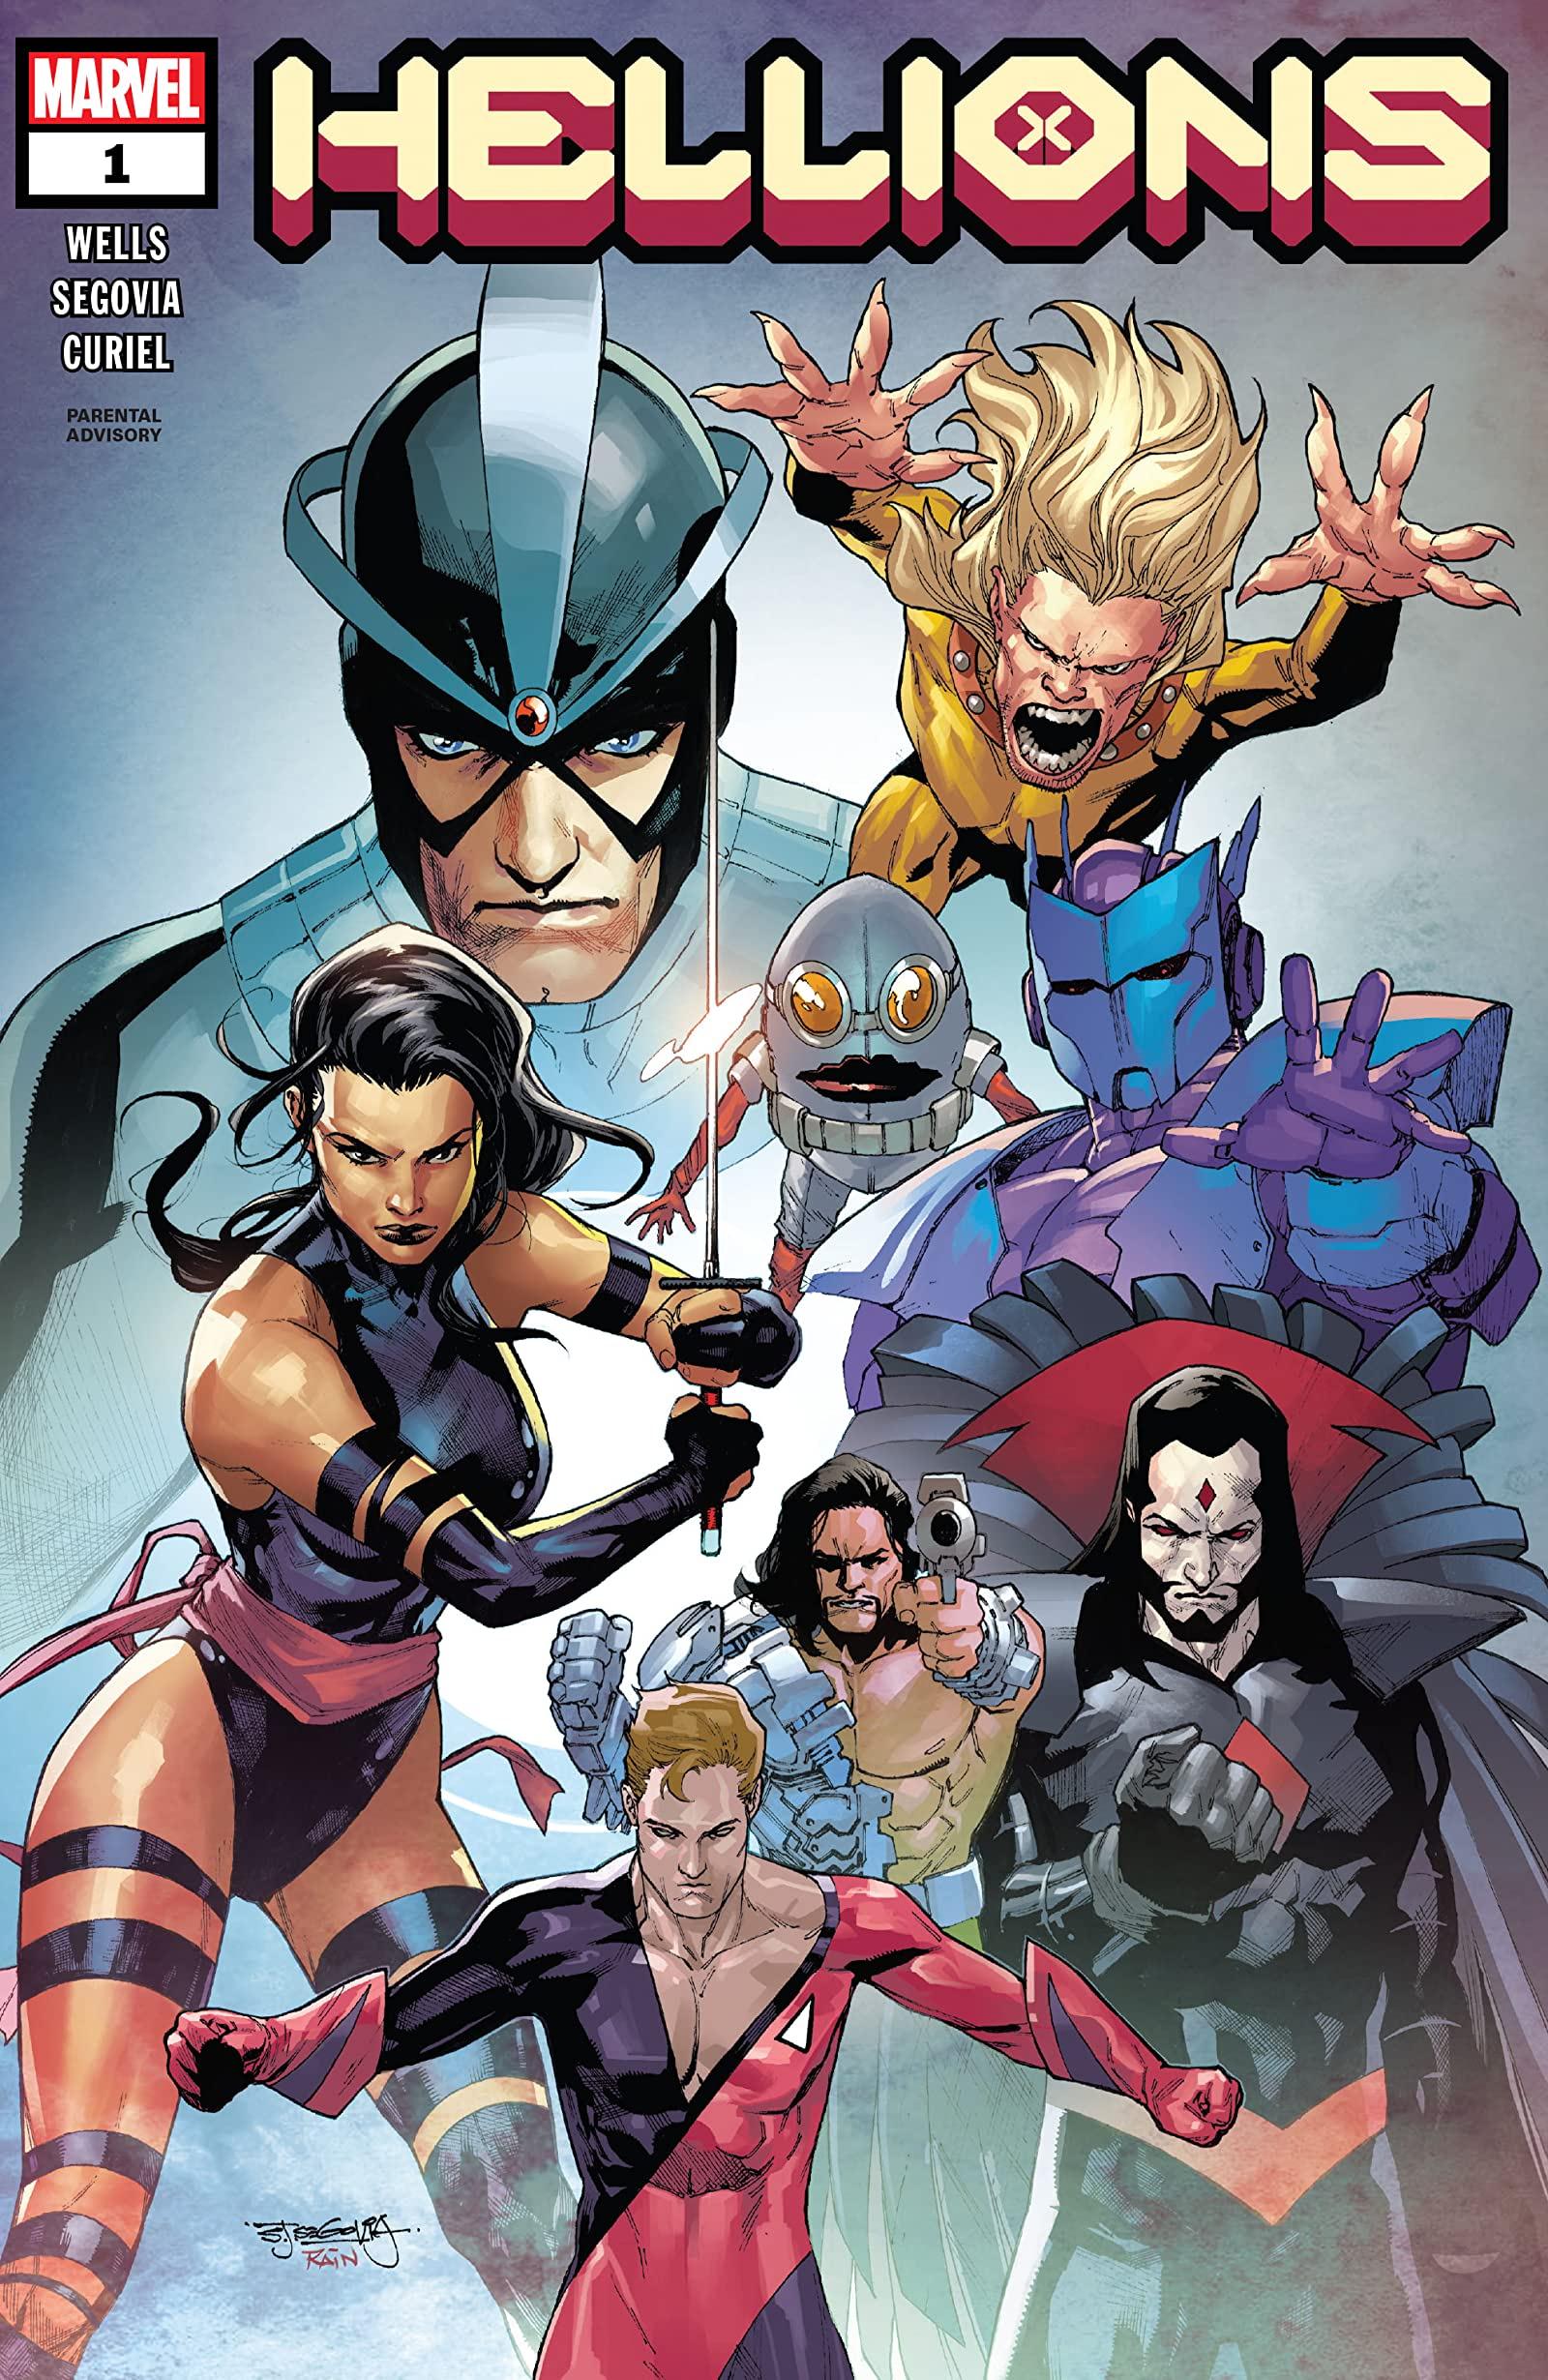 Hellions #1-Marvel Comics(2020)